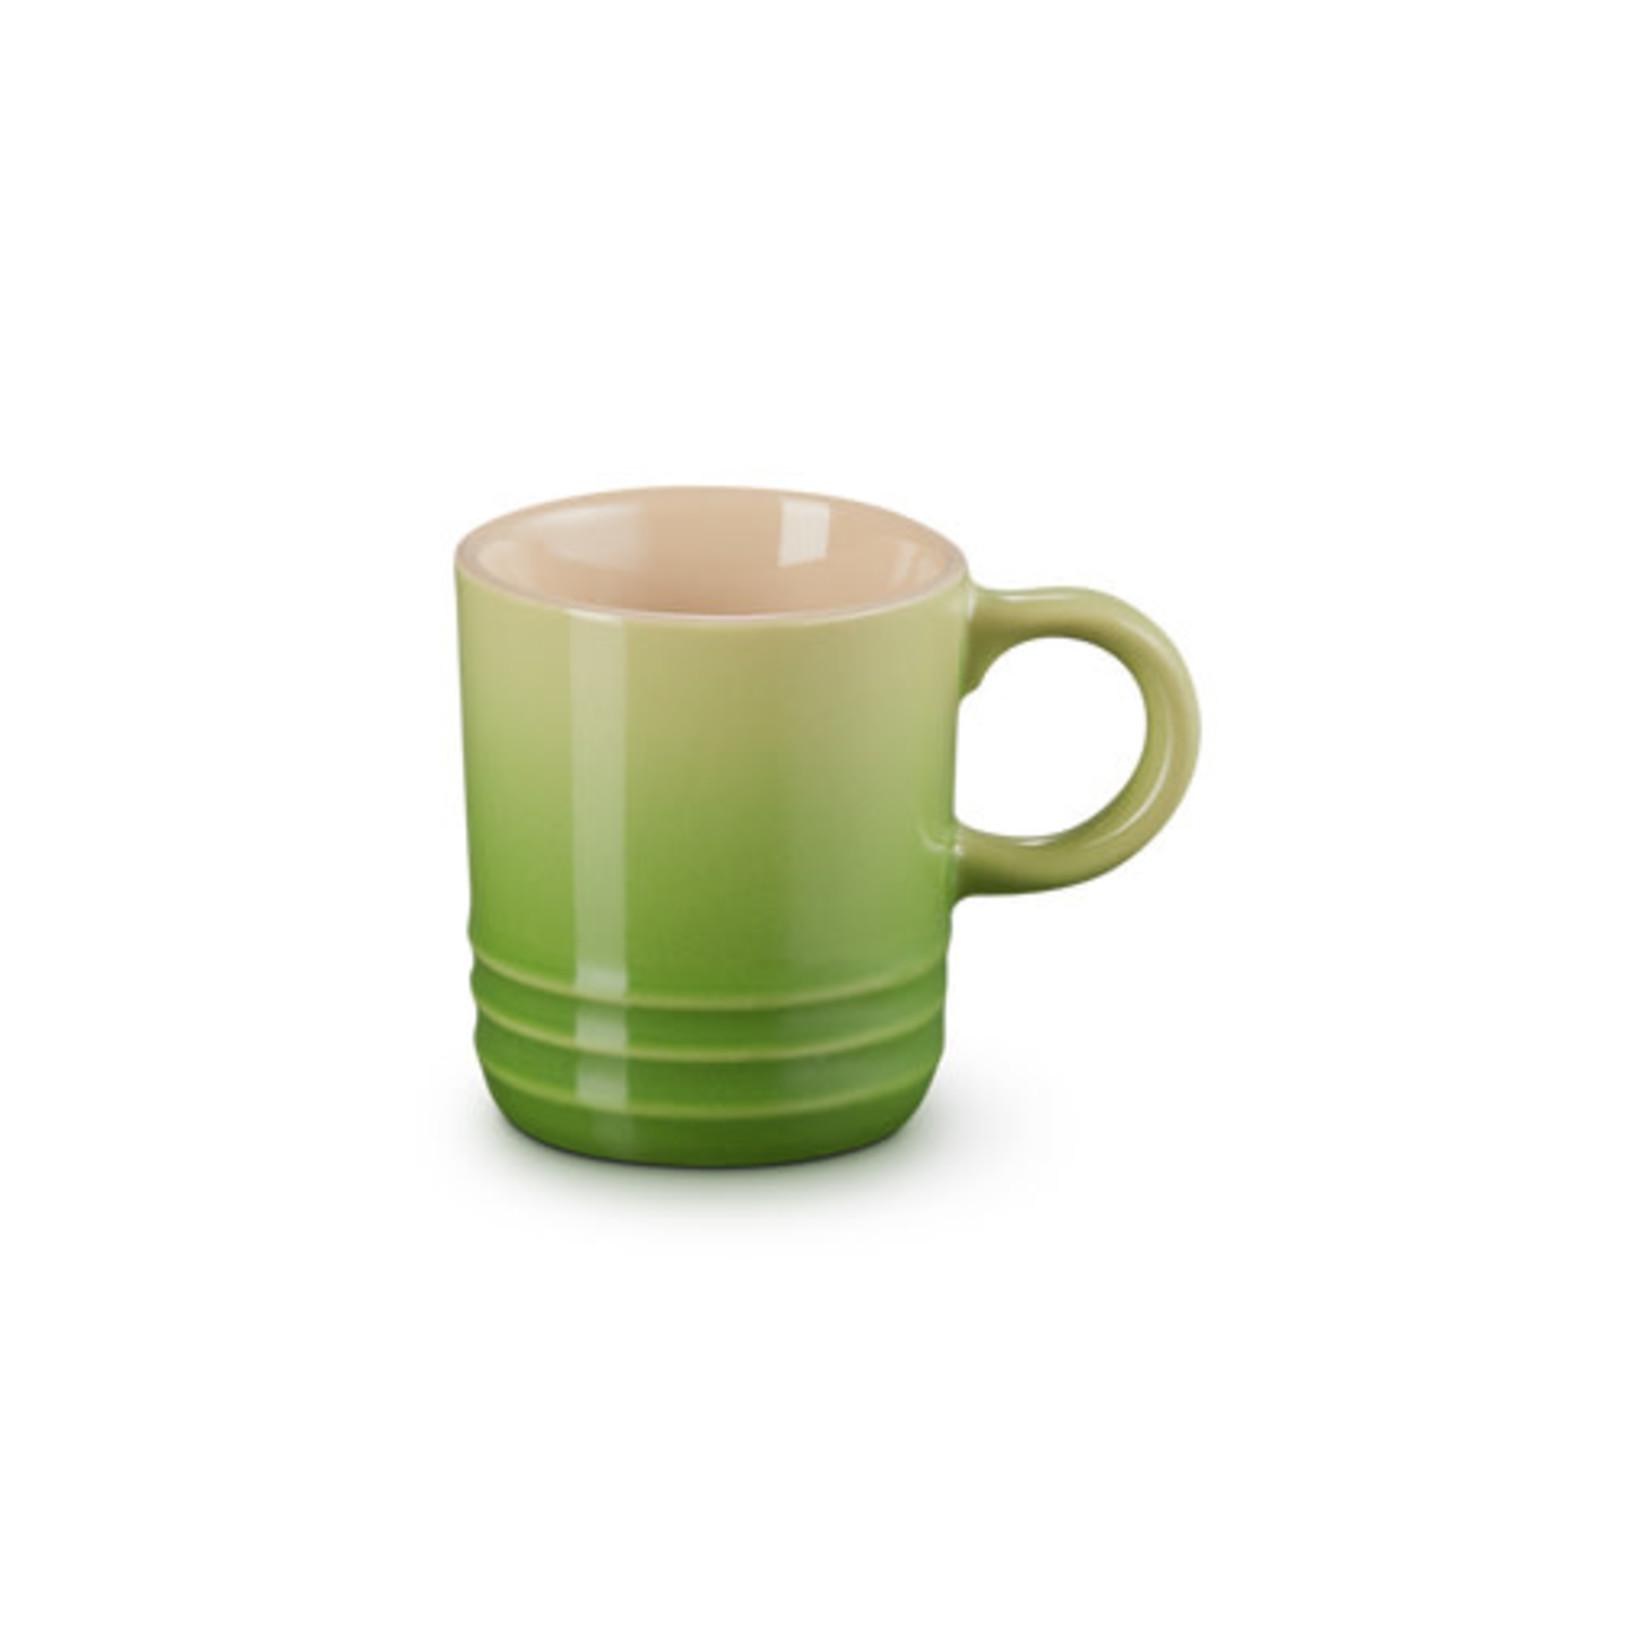 Le Creuset espressokopje 70ml palmgroen